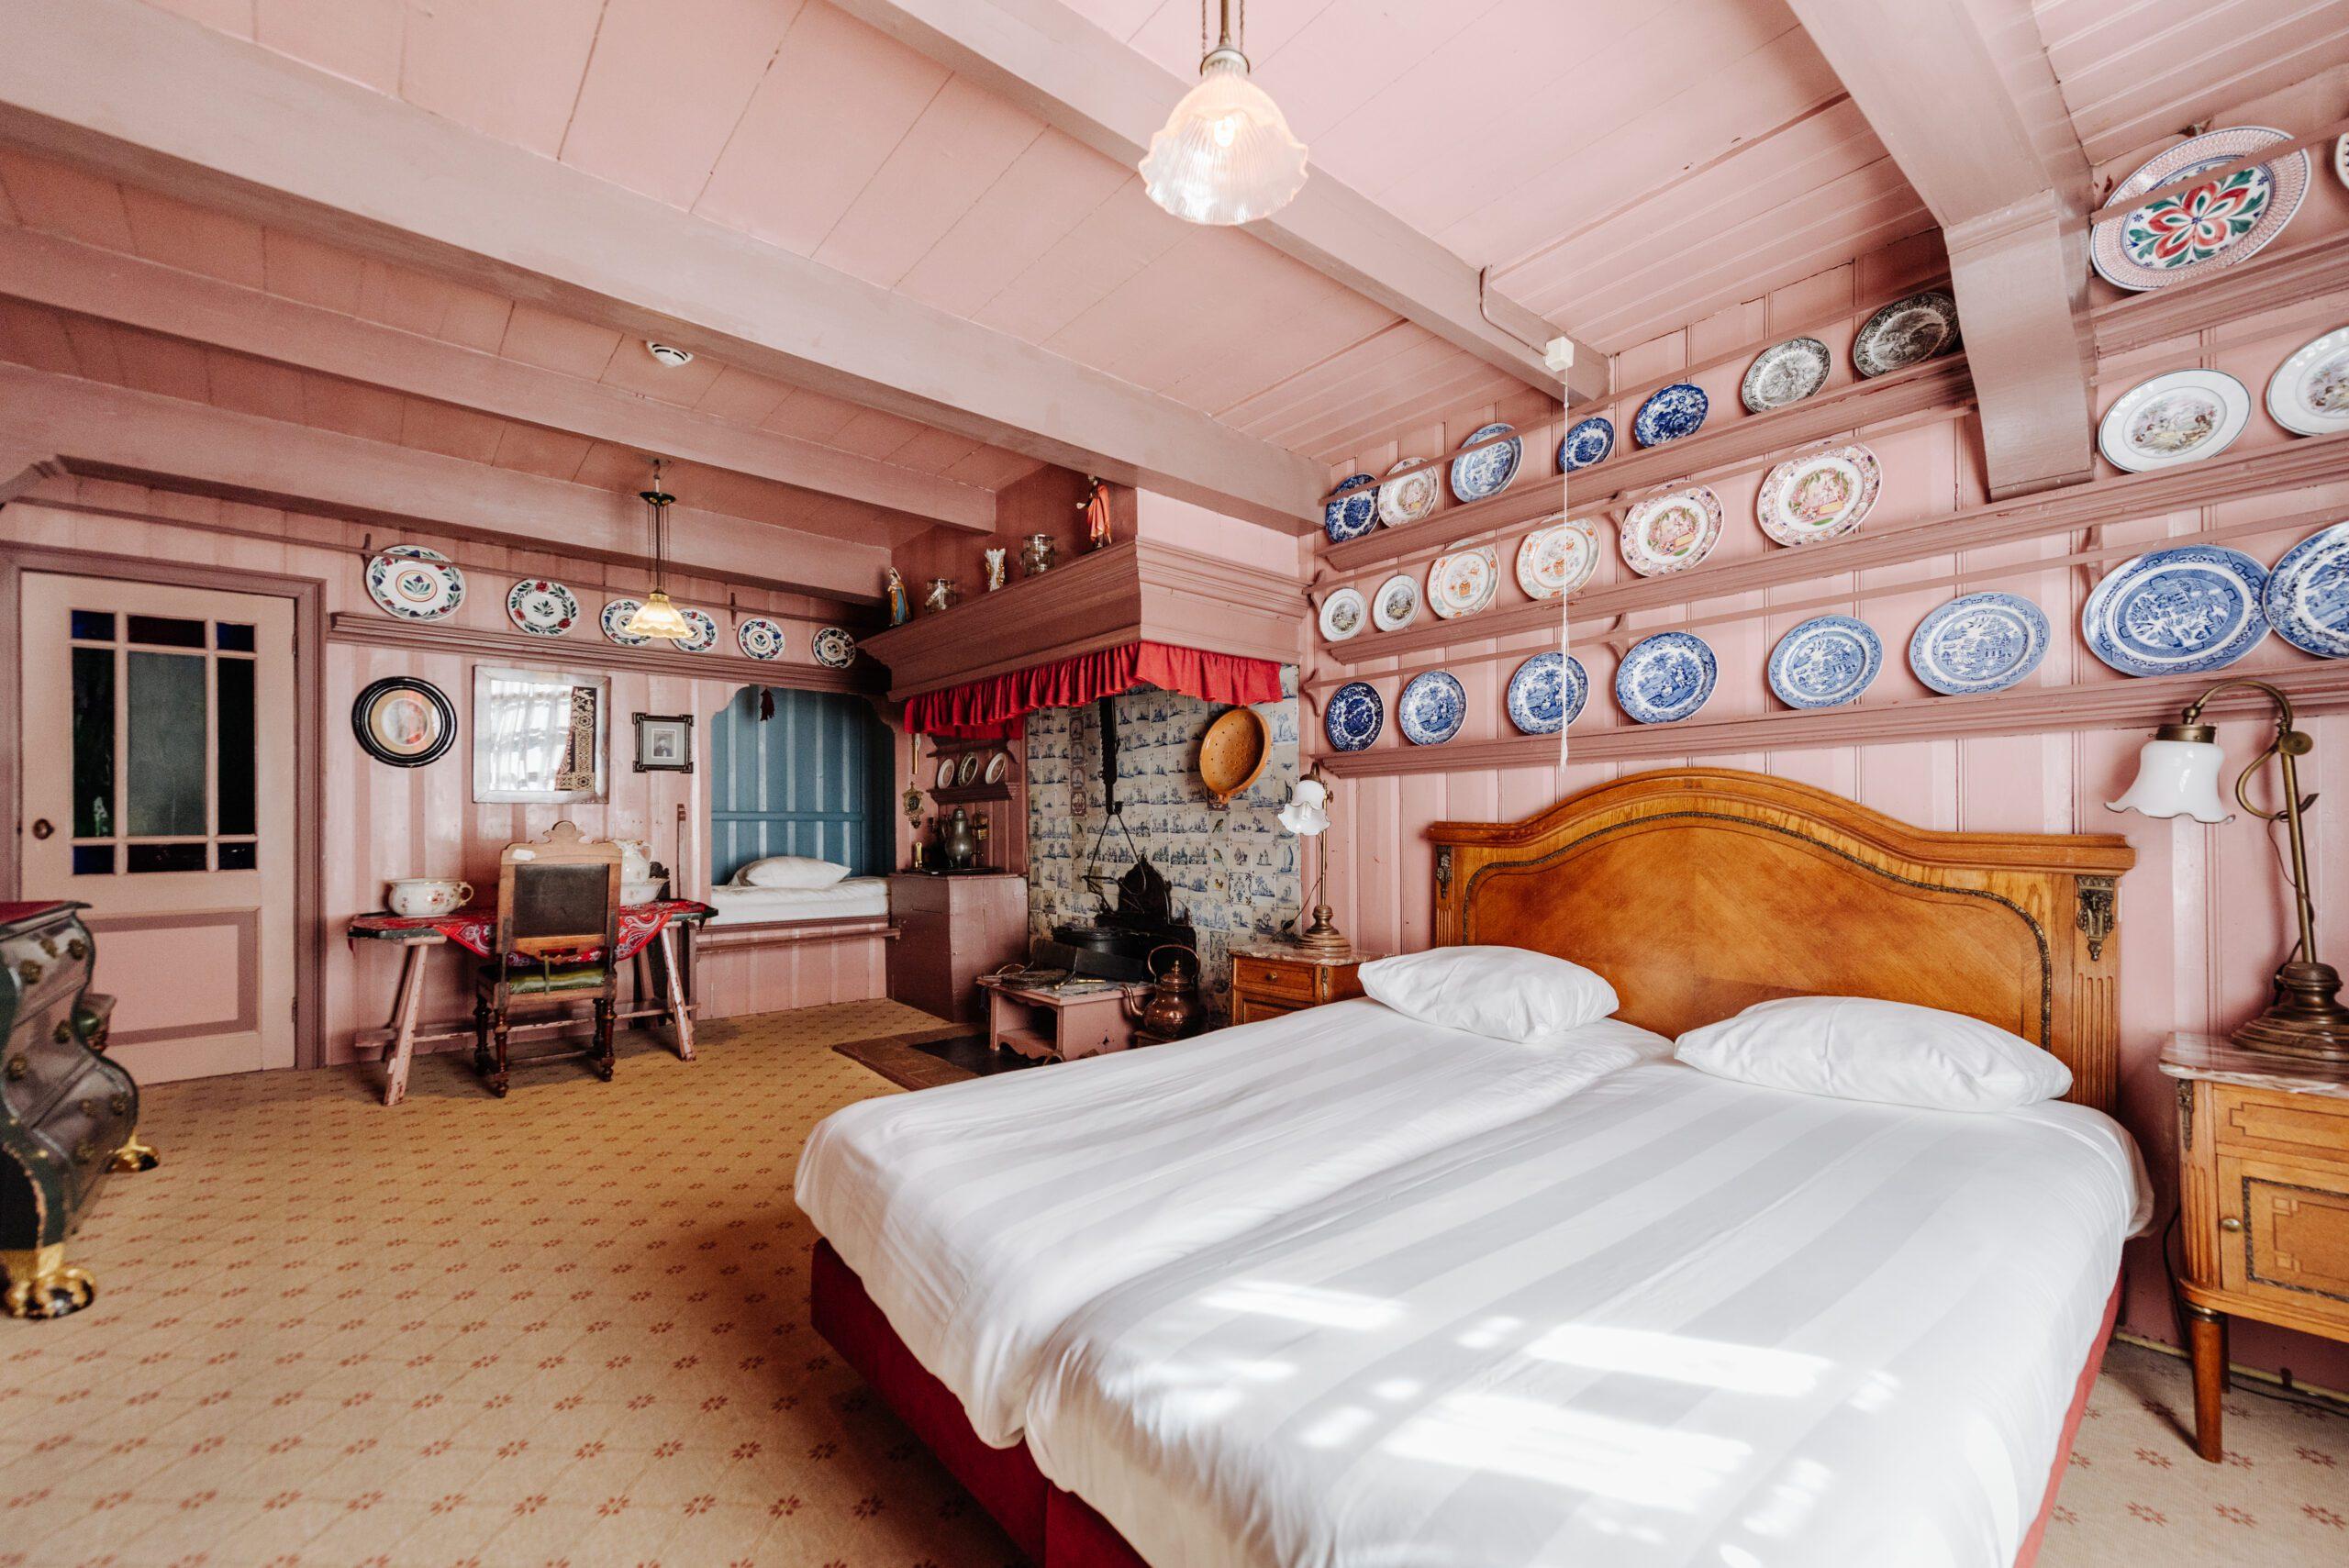 Segelt nun unter der Flagge der BWH Hotel Group: Das ikonische Hotel Spaander in Volendam, Niederlande, wird im Mai als Haus der BW Signature Collection wiedereröffnet. Im Bild: Das historische Schlafzimmer Kamer 1.